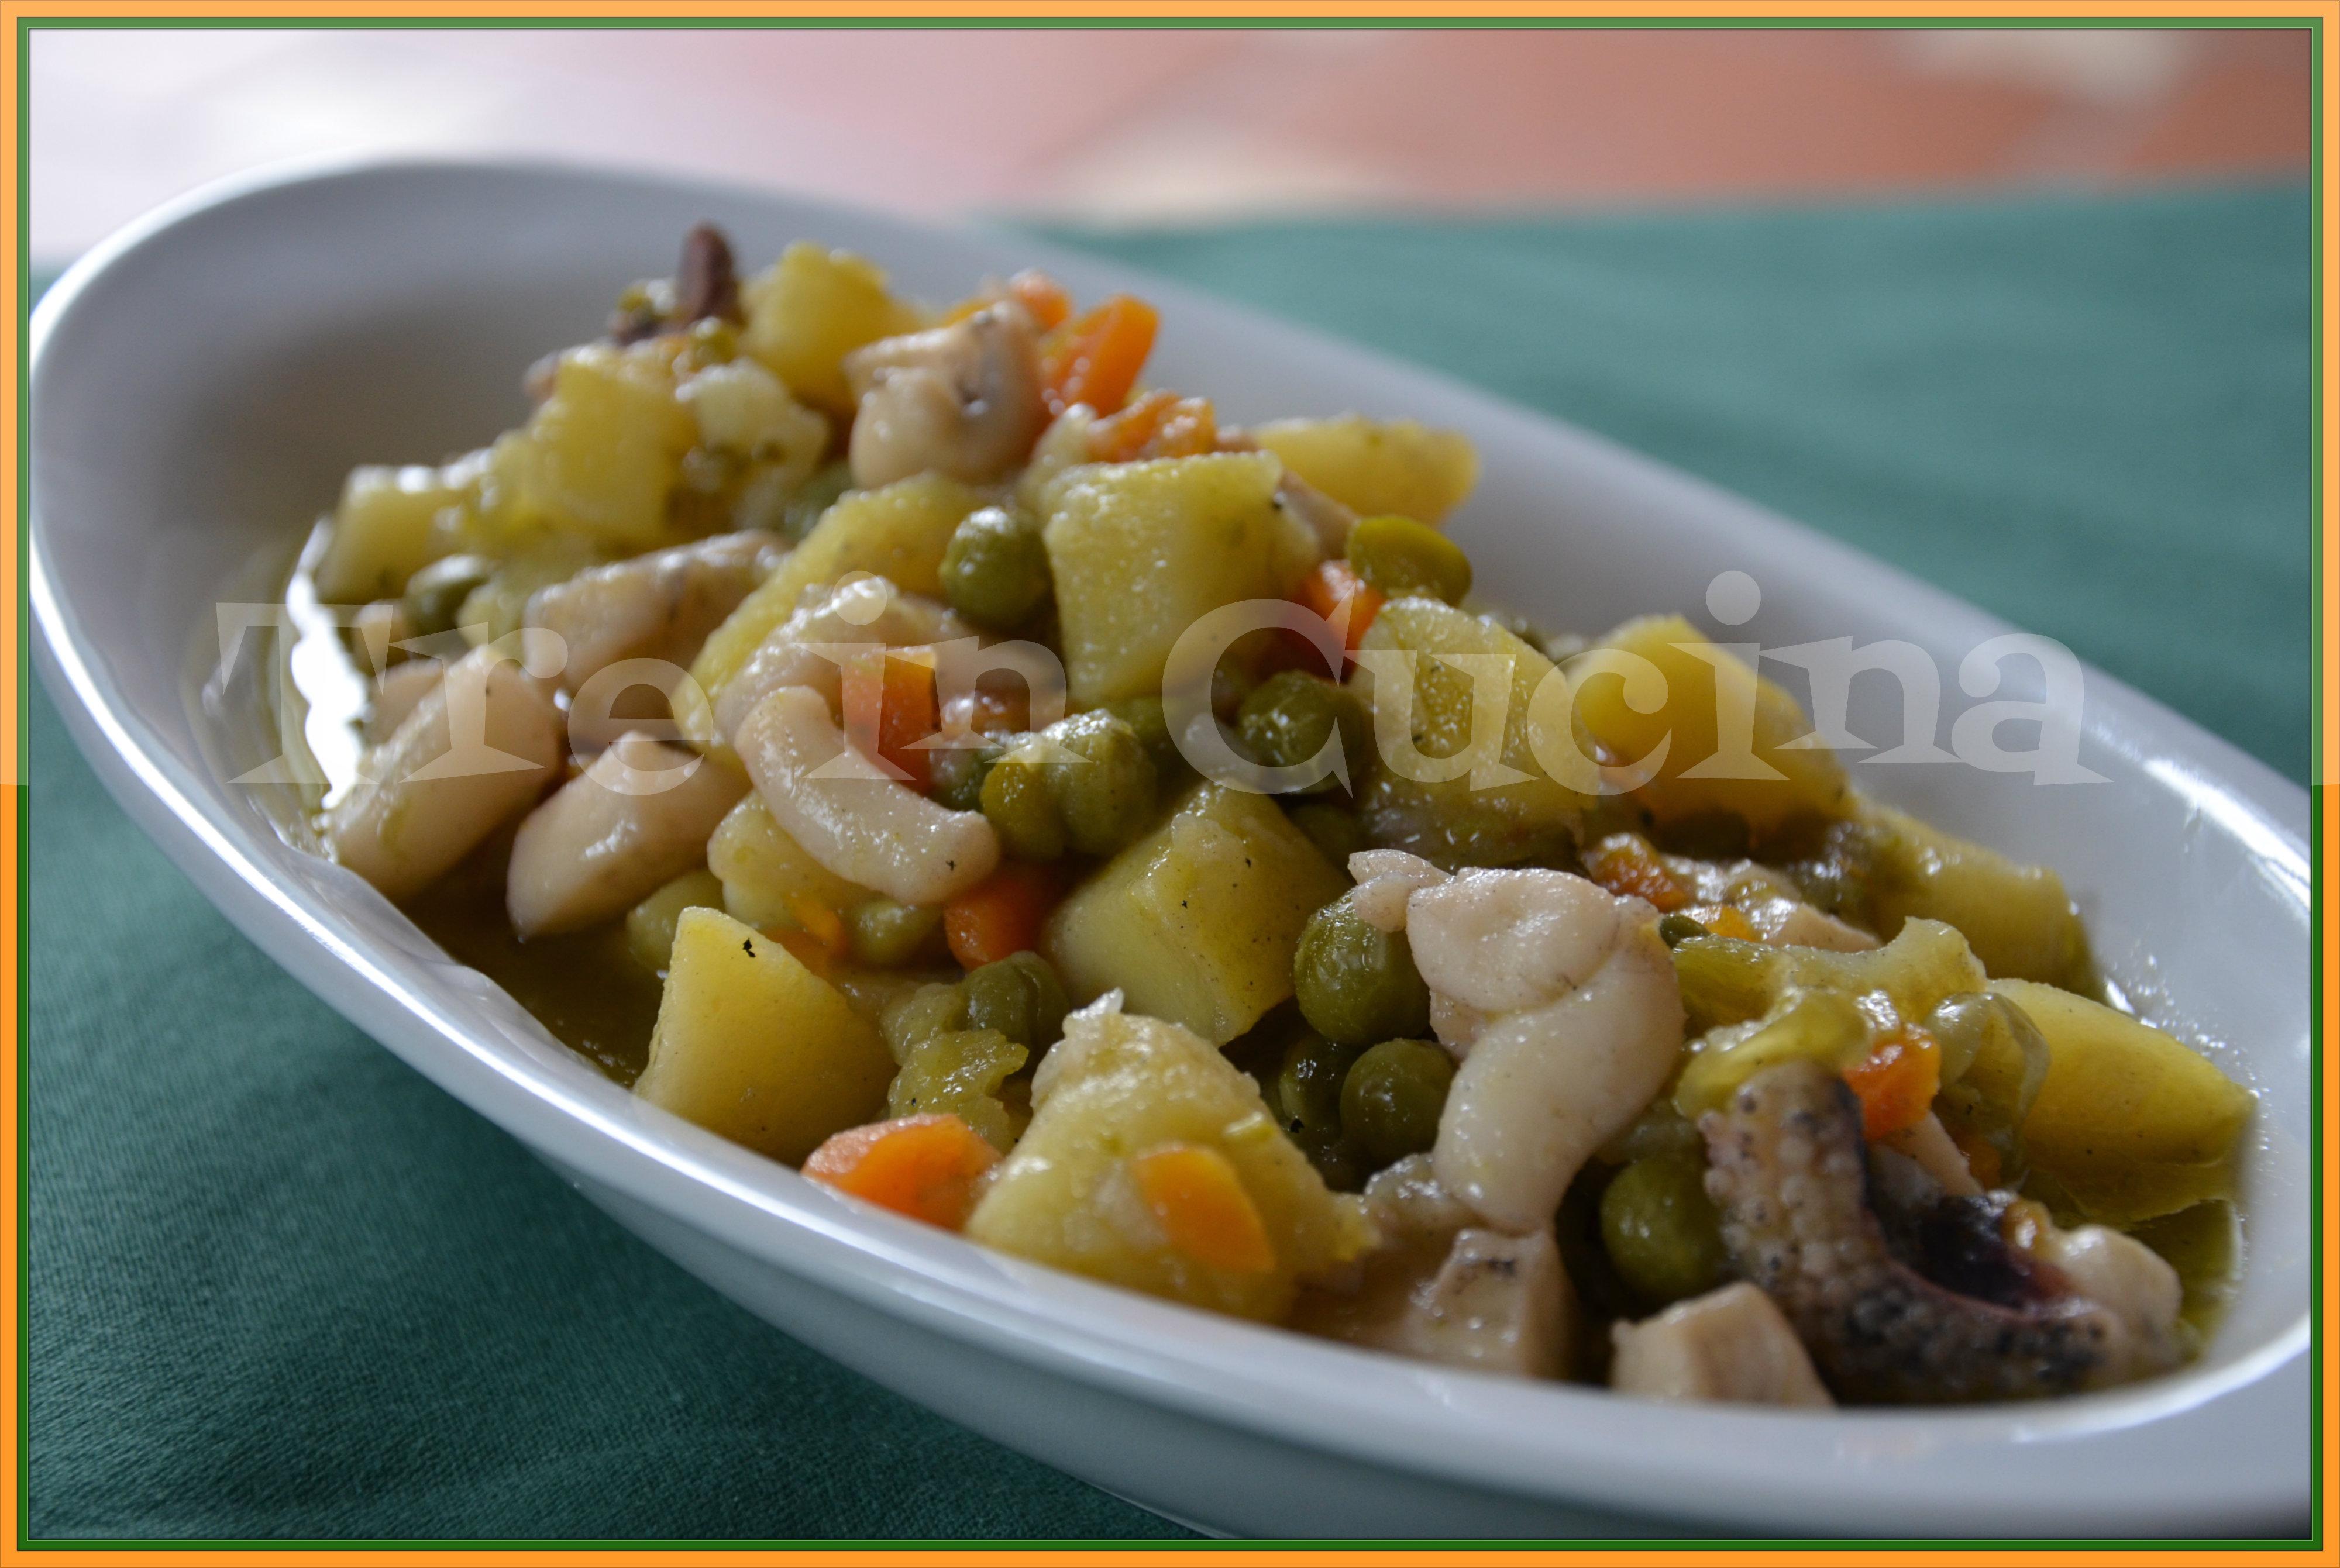 seppie patate e piselli (ricetta passo-passo) | treincucina - Come Cucinare Seppie E Piselli